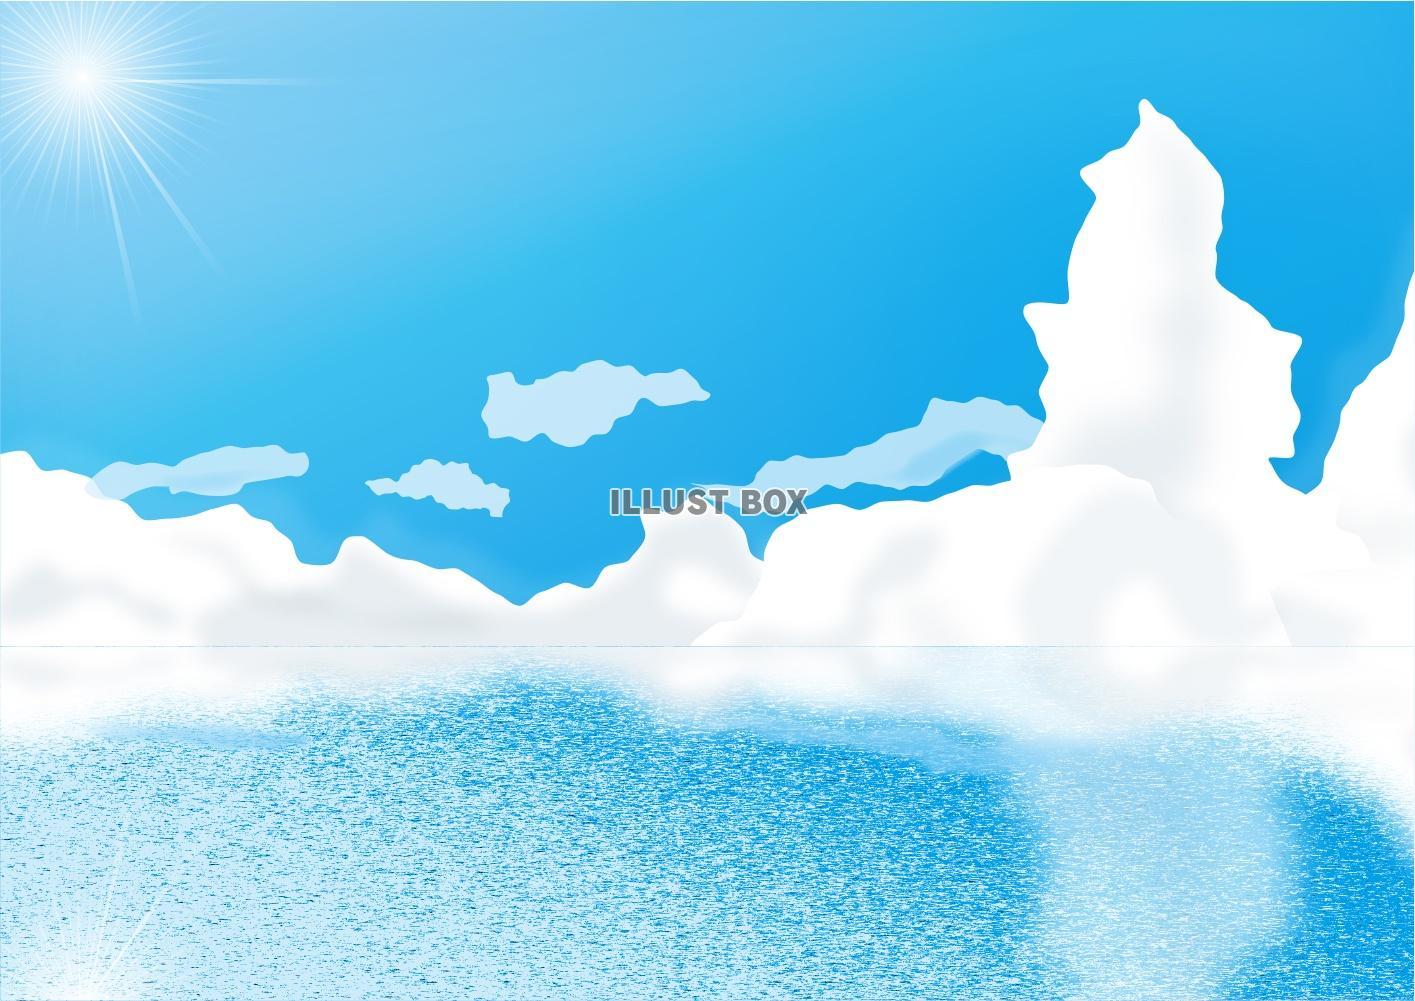 無料イラスト 空と雲と海